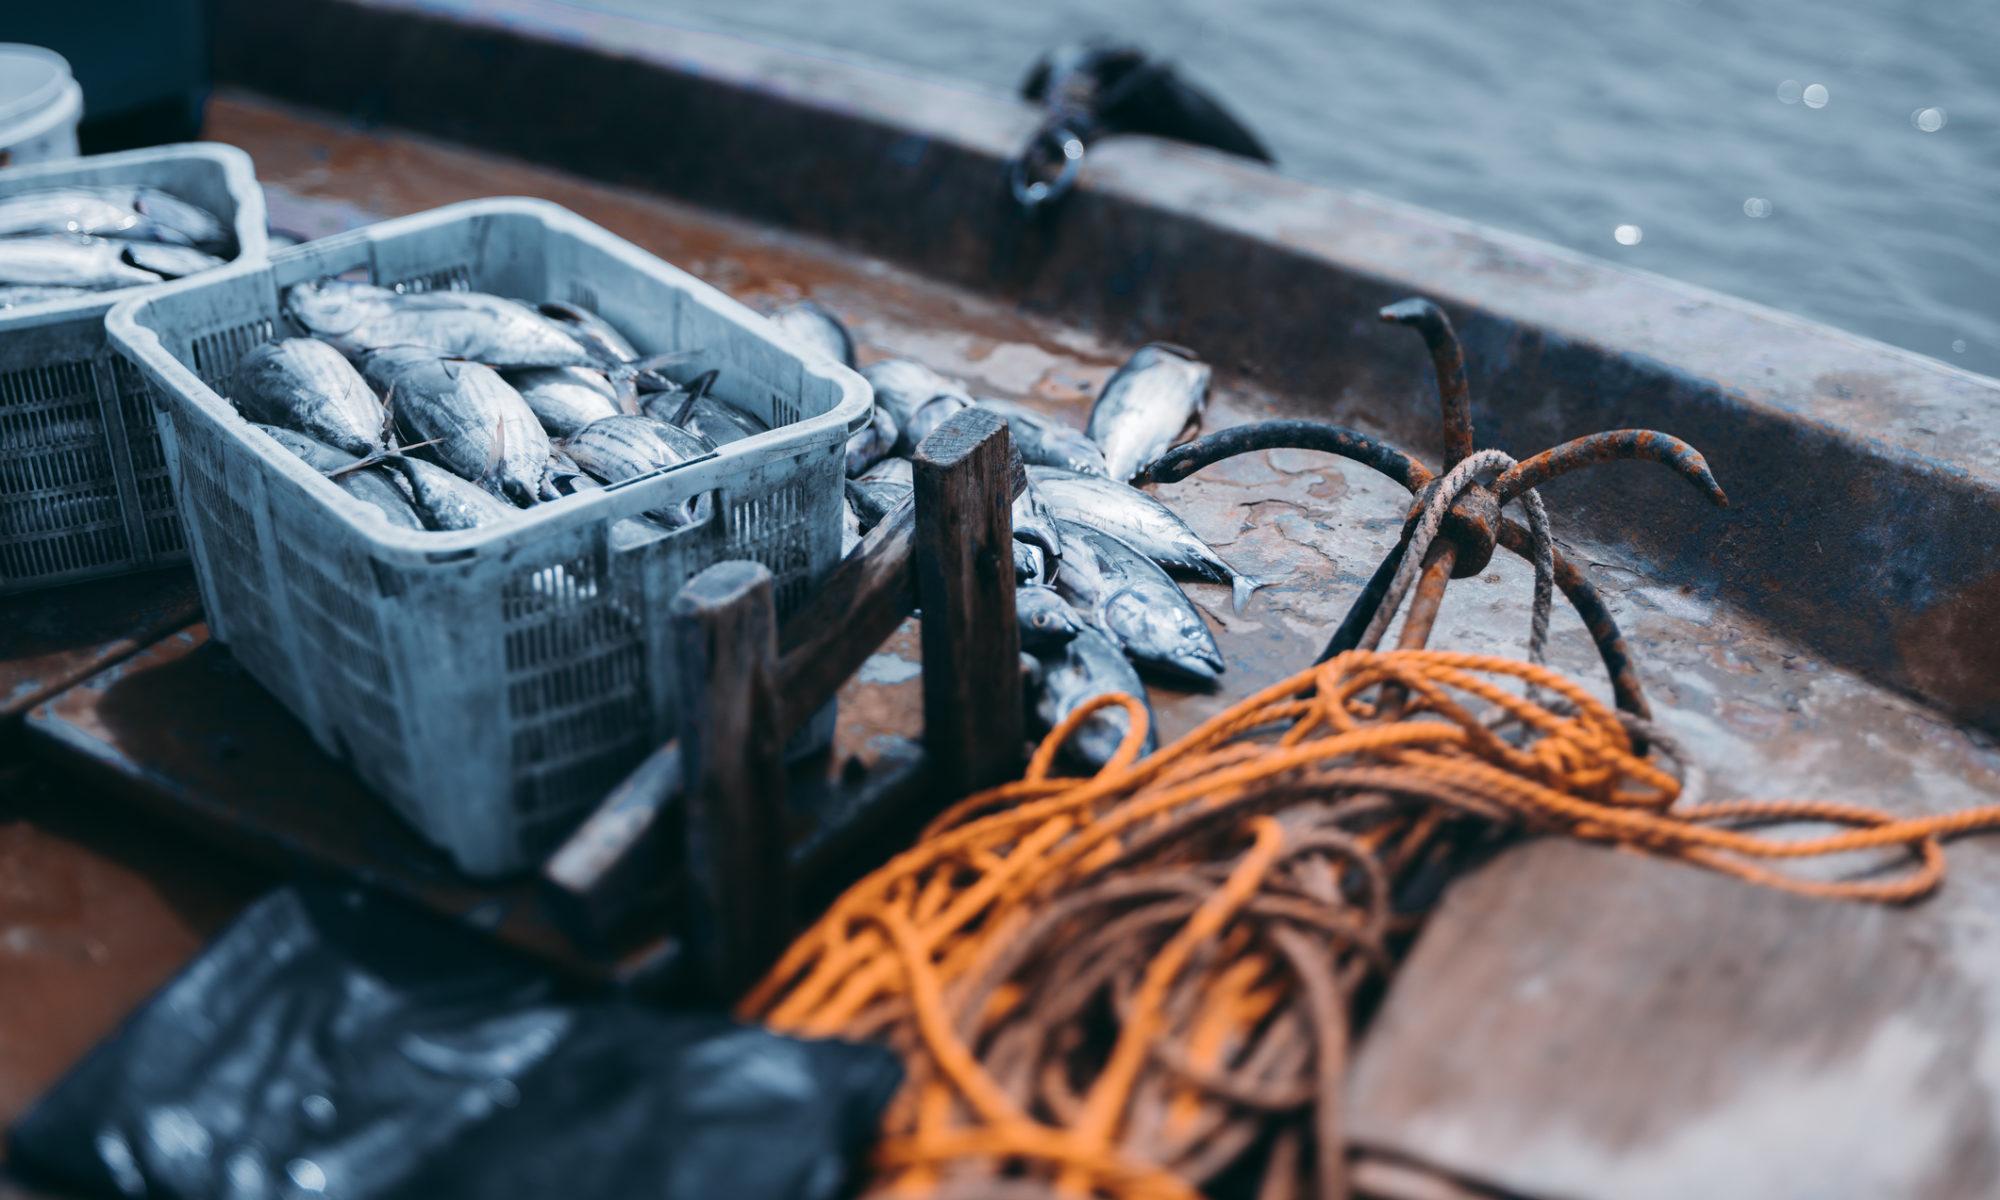 Kompetenz im Handel mit tiefgekühltem Fisch | Flamingo Fisch GmbH & Co. KG Bremerhaven